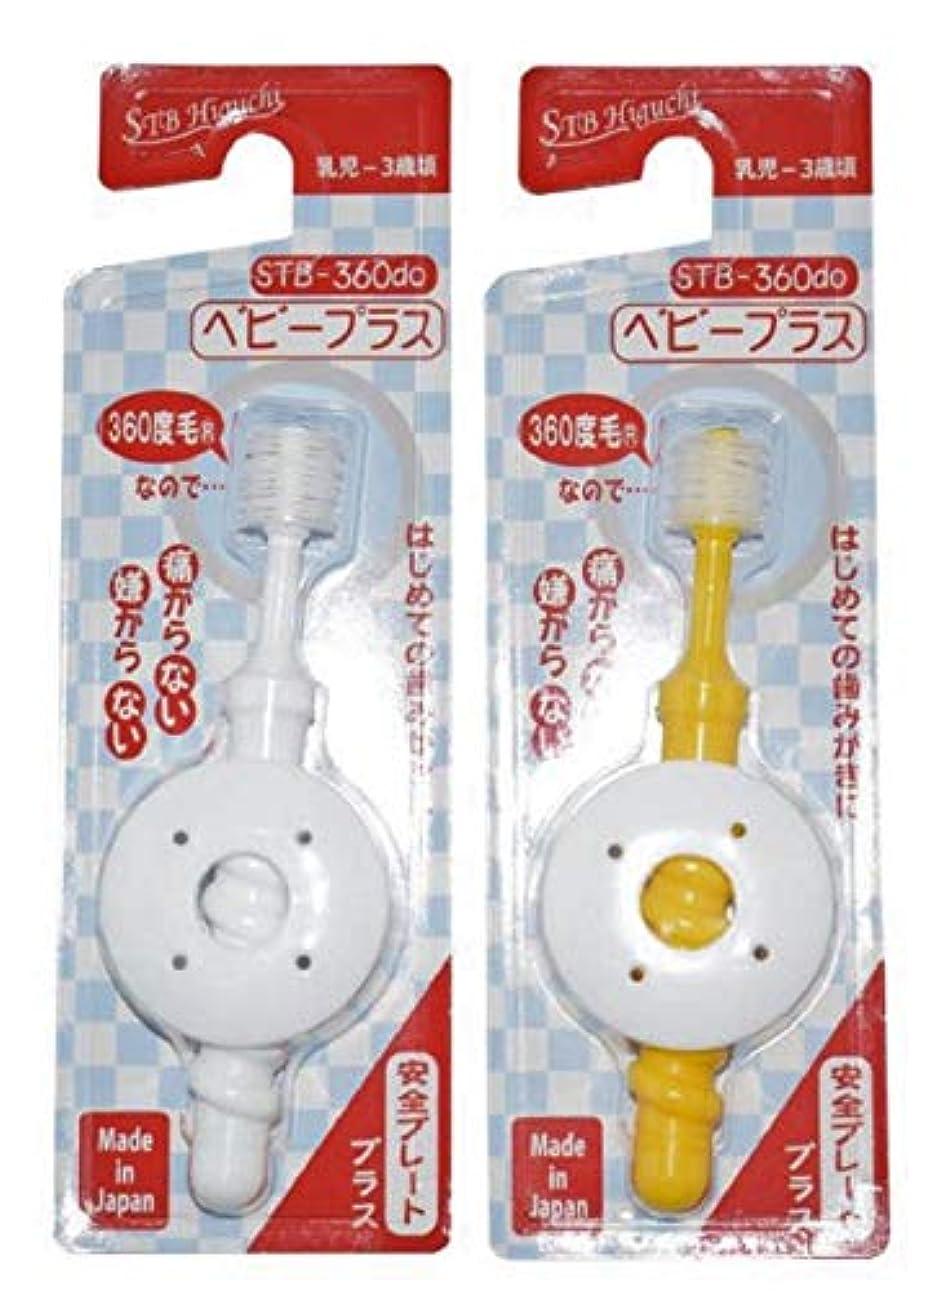 バルセロナぴかぴか売上高STB-360do ベビープラス 2本セット 喉付き防止 安全パーツ付き幼児用